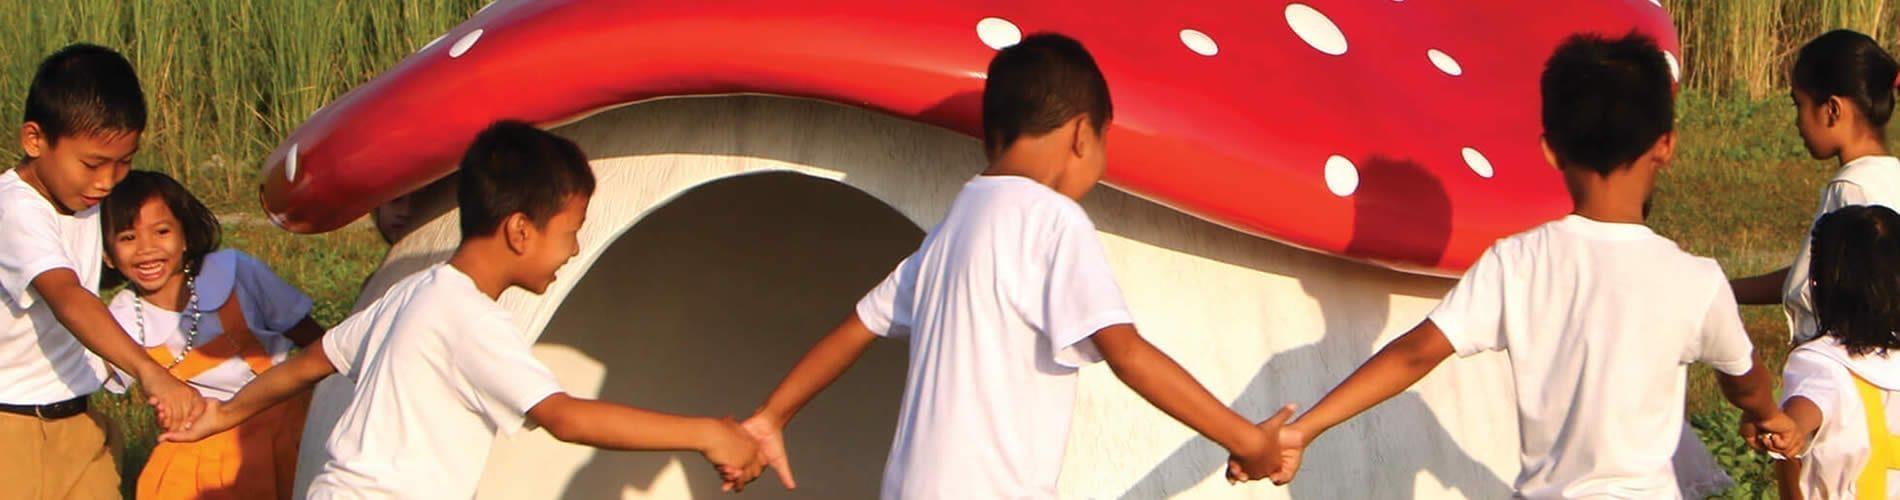 Children playing around mushroom cubby house